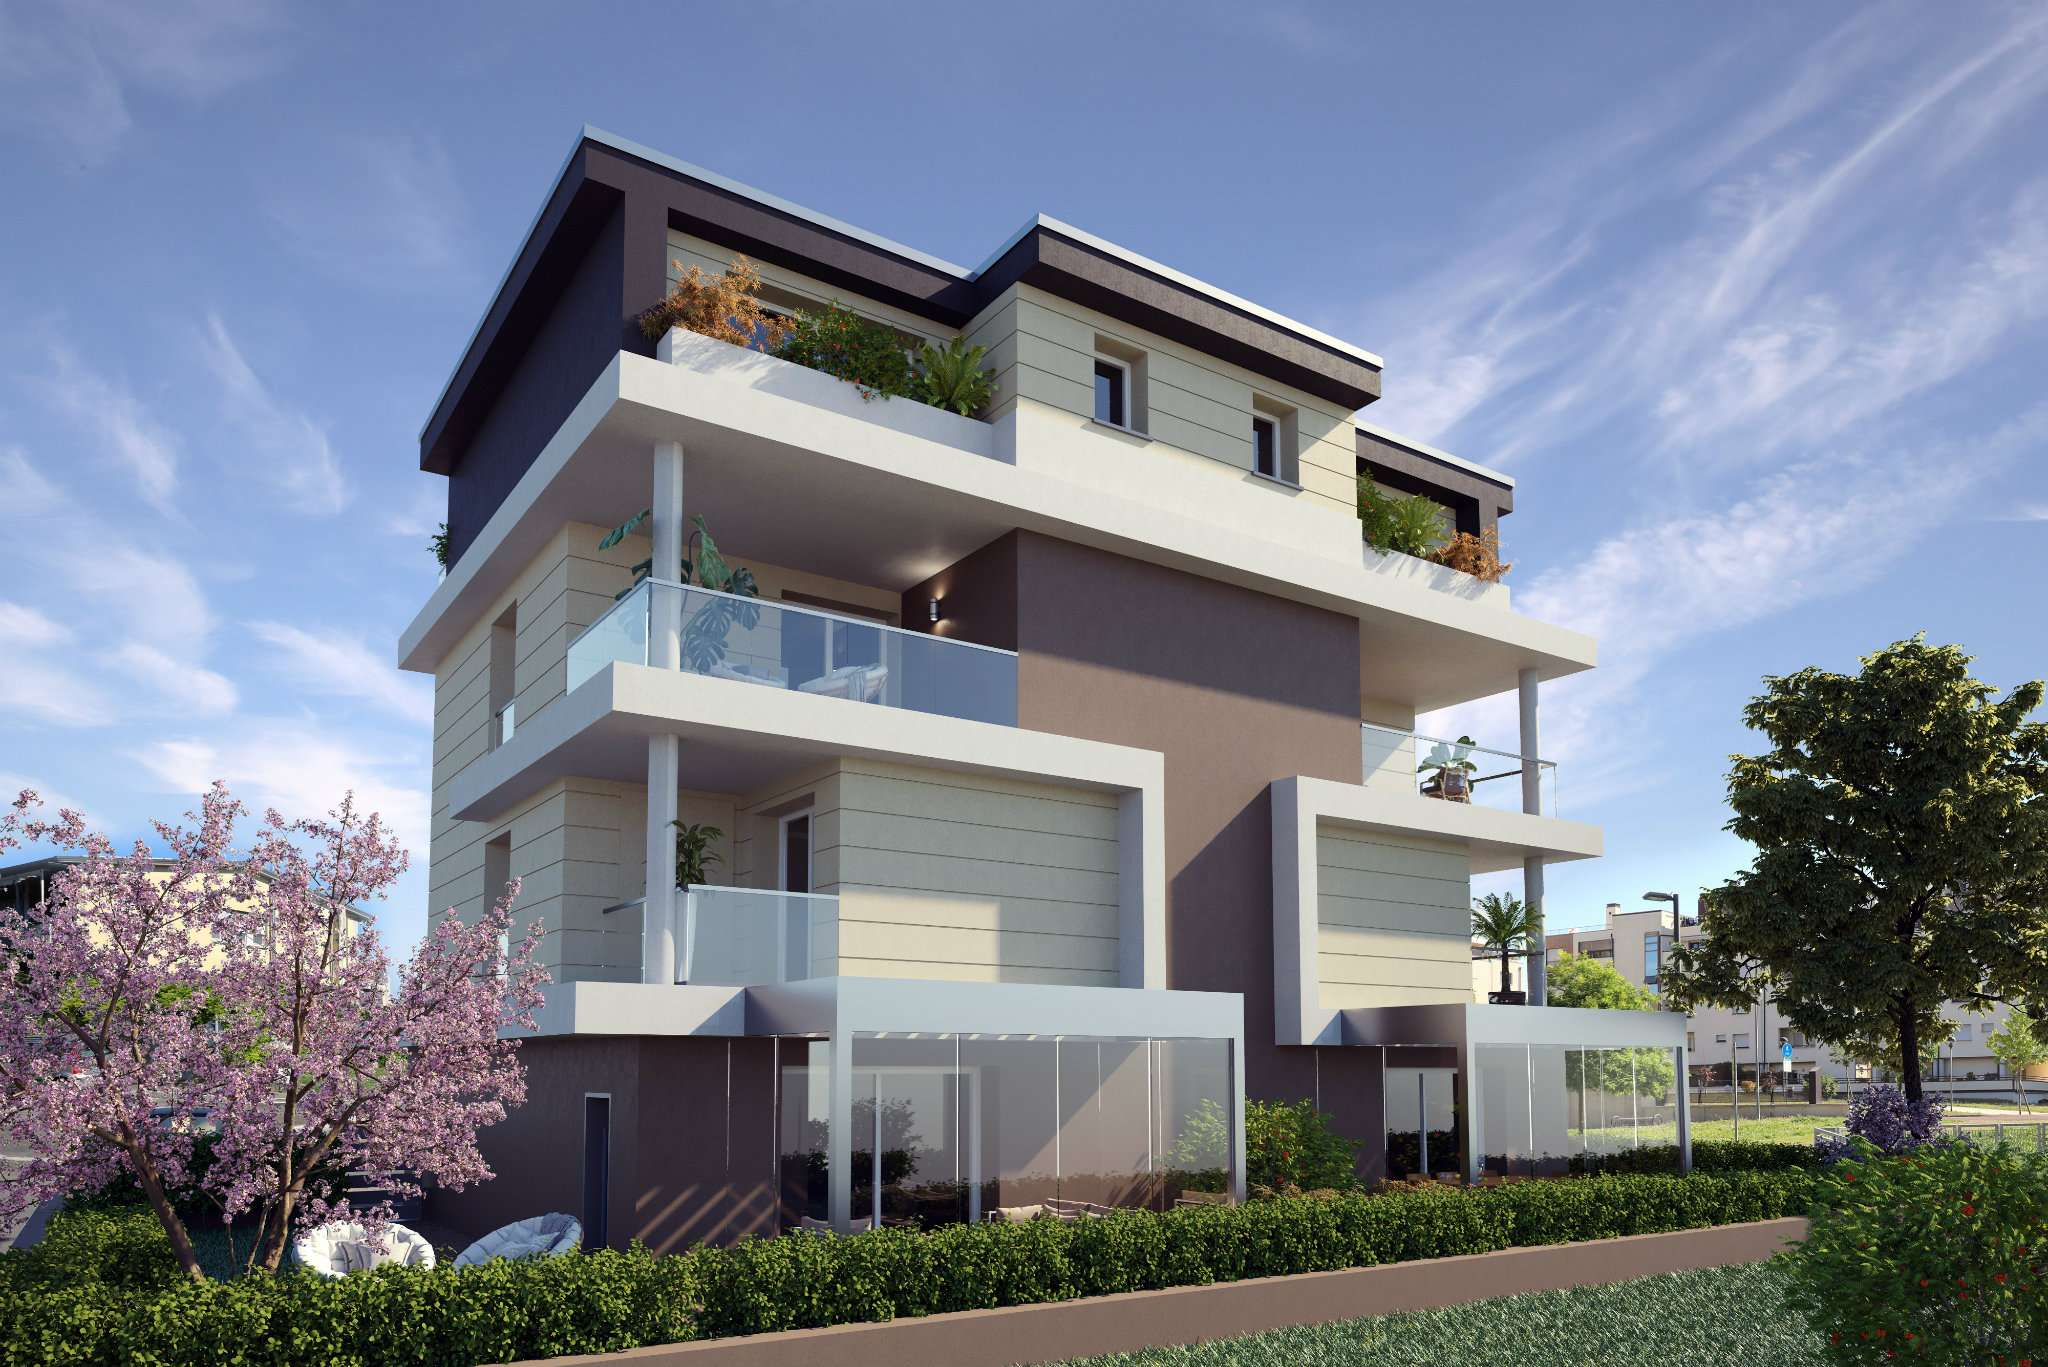 Appartamento in vendita a Castel Maggiore, 3 locali, prezzo € 355.000 | PortaleAgenzieImmobiliari.it